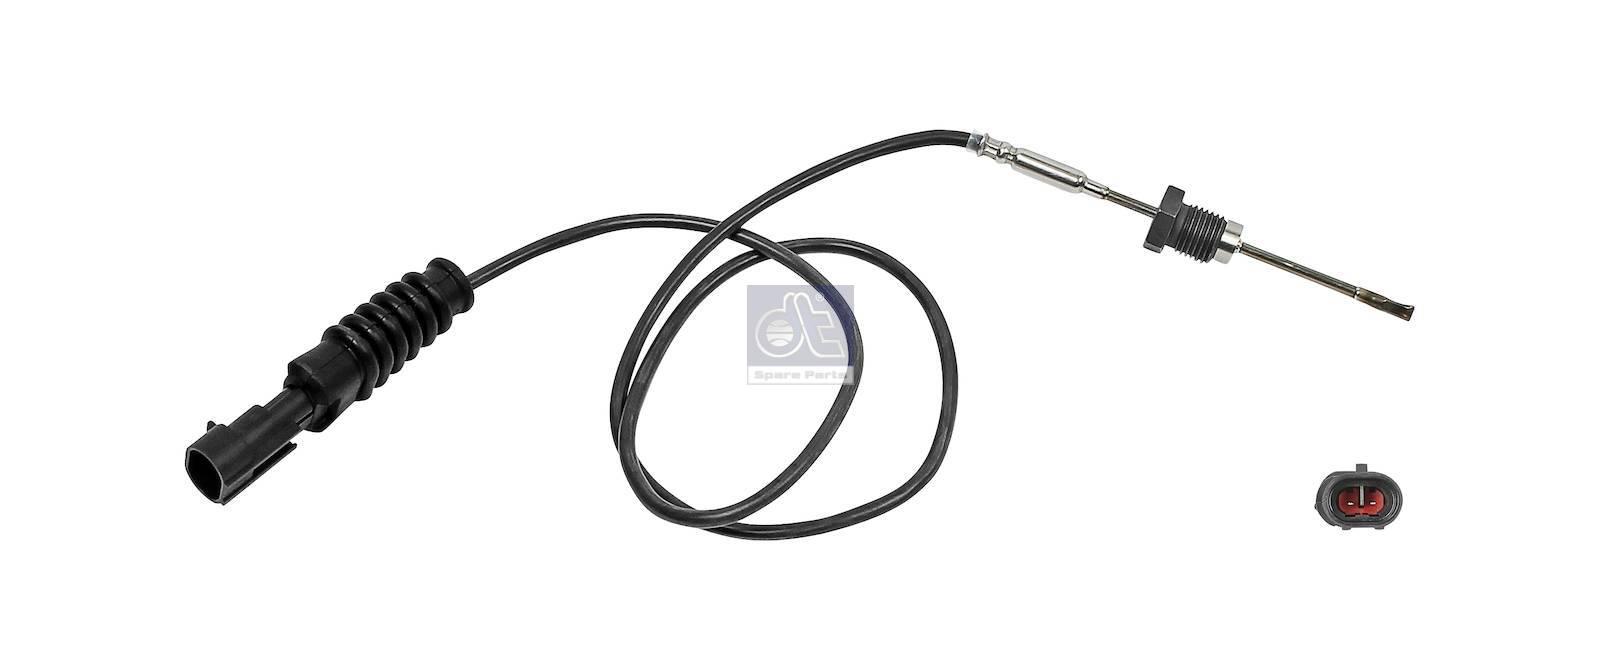 DT 5.44018 Exhaust gas temperature sensor 1810690 suitable